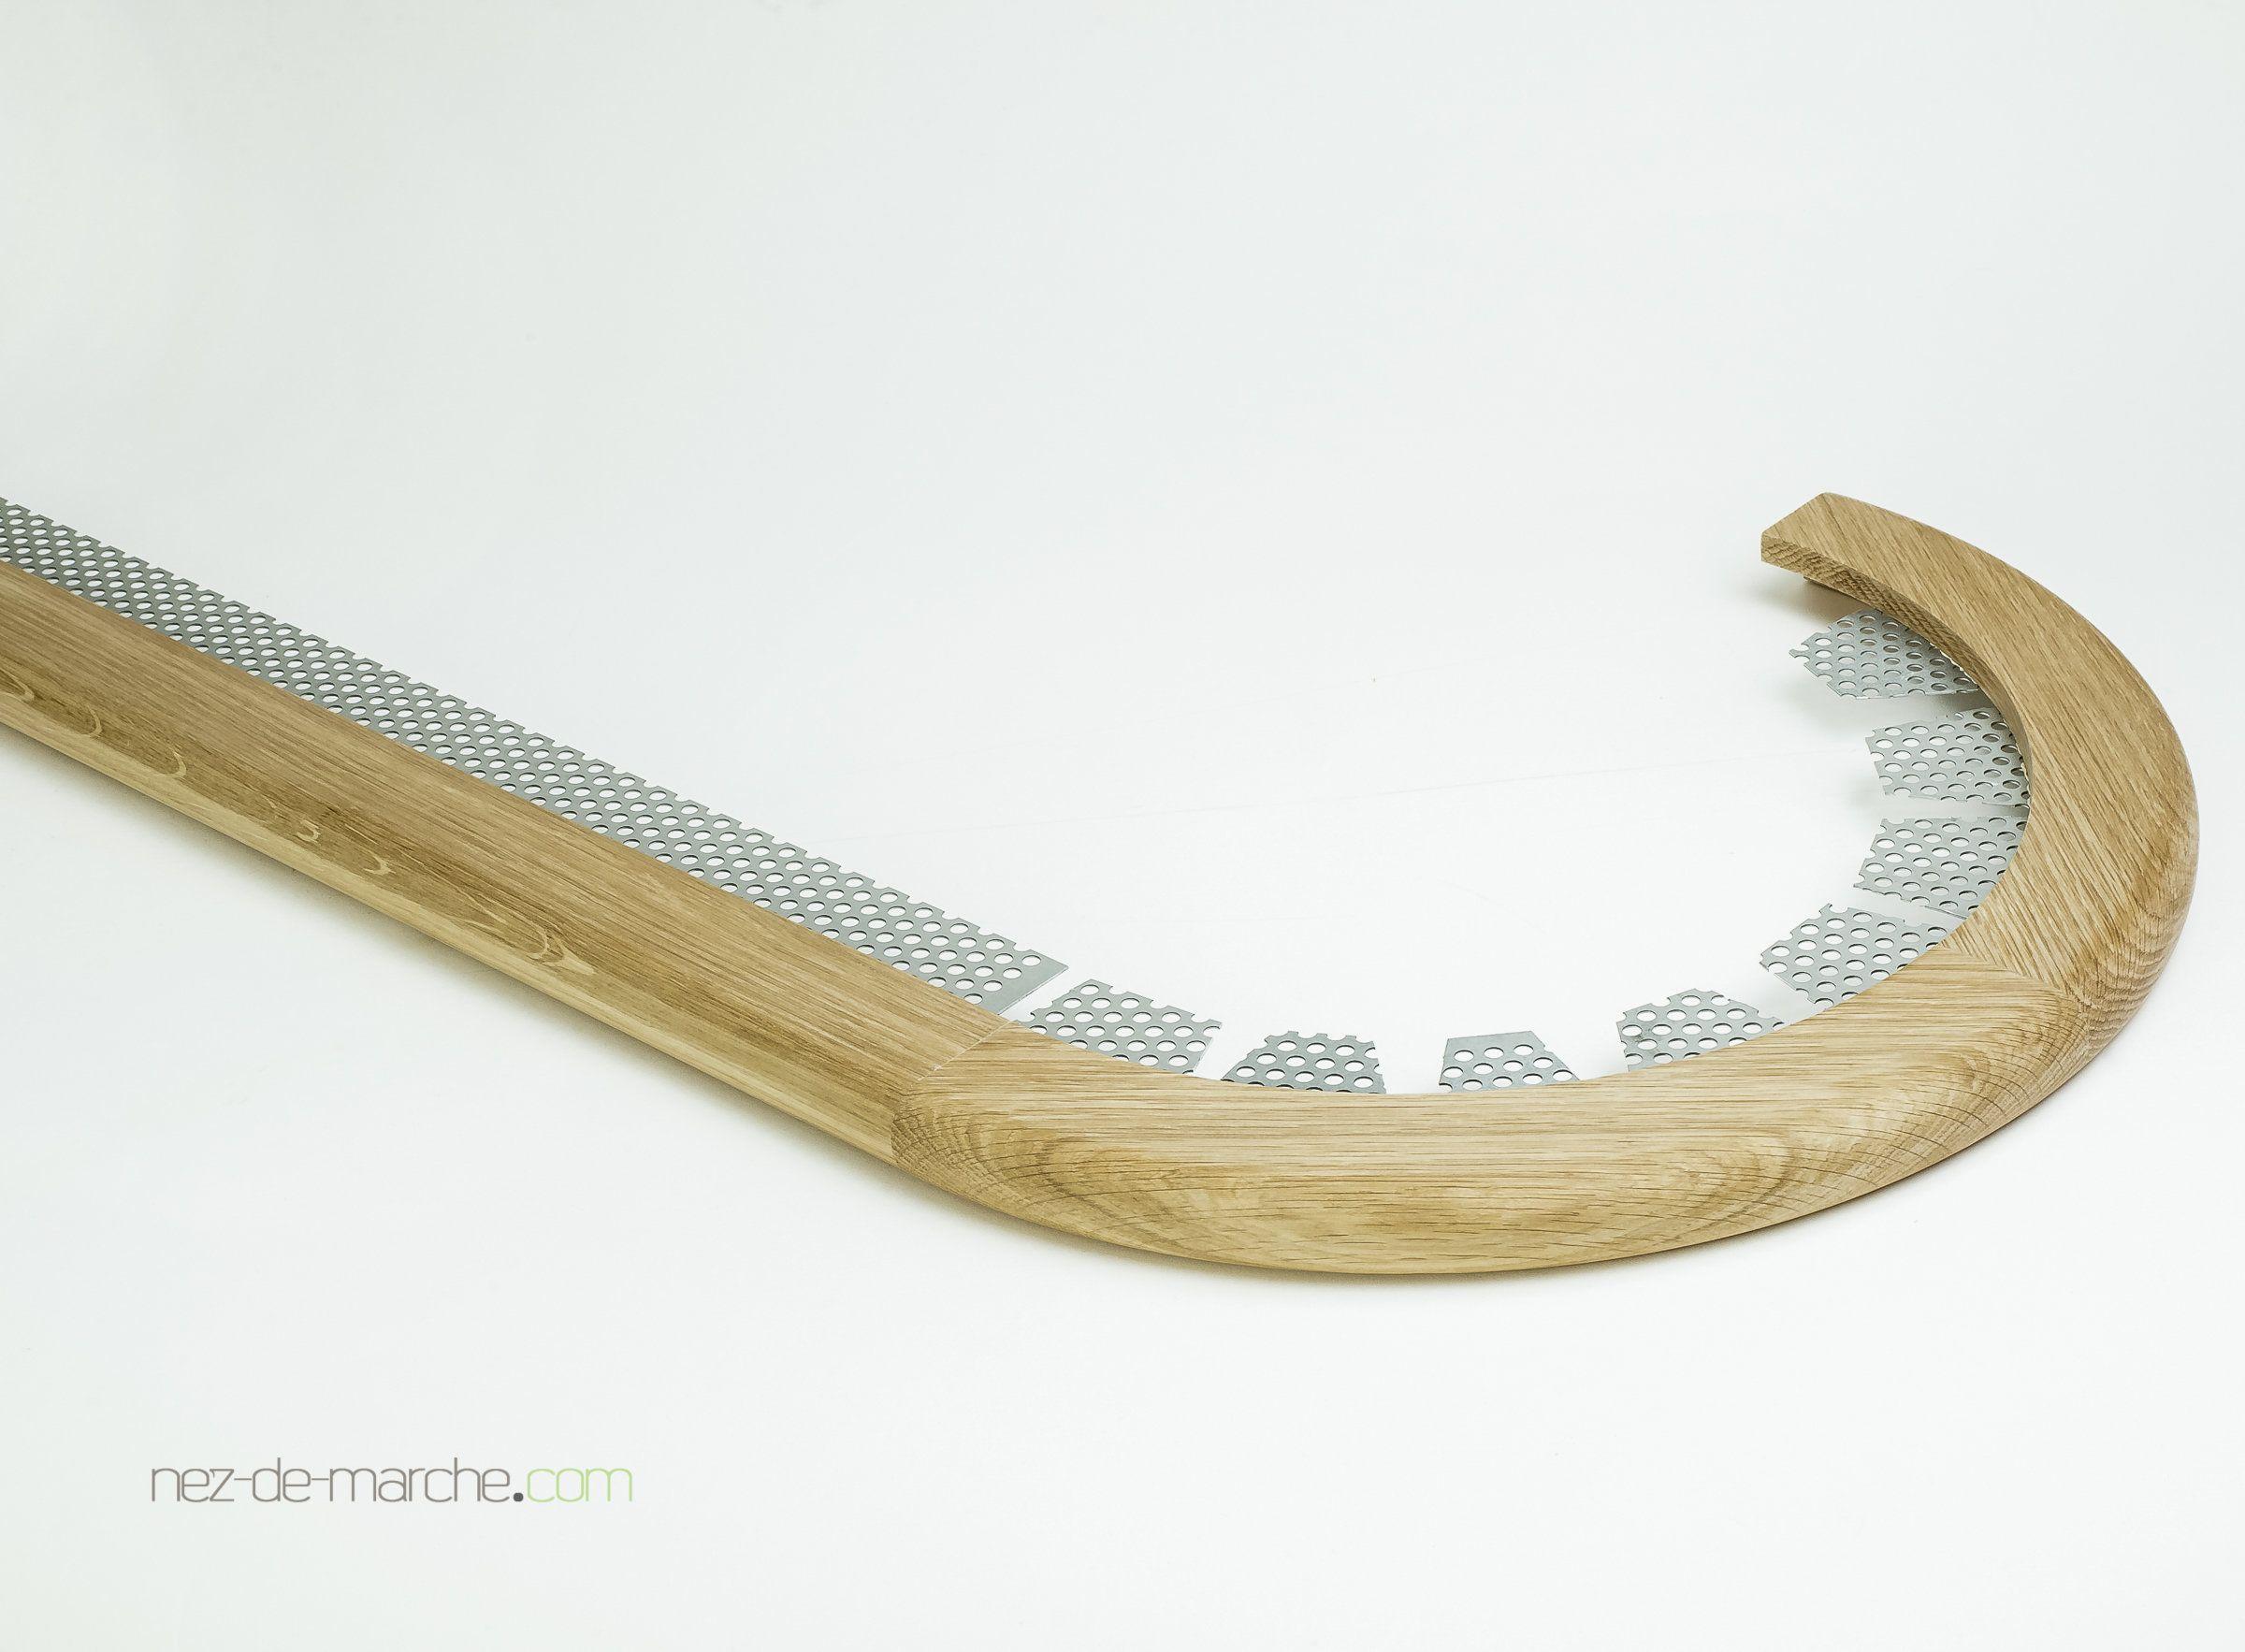 fabrication sur mesure de nez de marche en bois pour. Black Bedroom Furniture Sets. Home Design Ideas